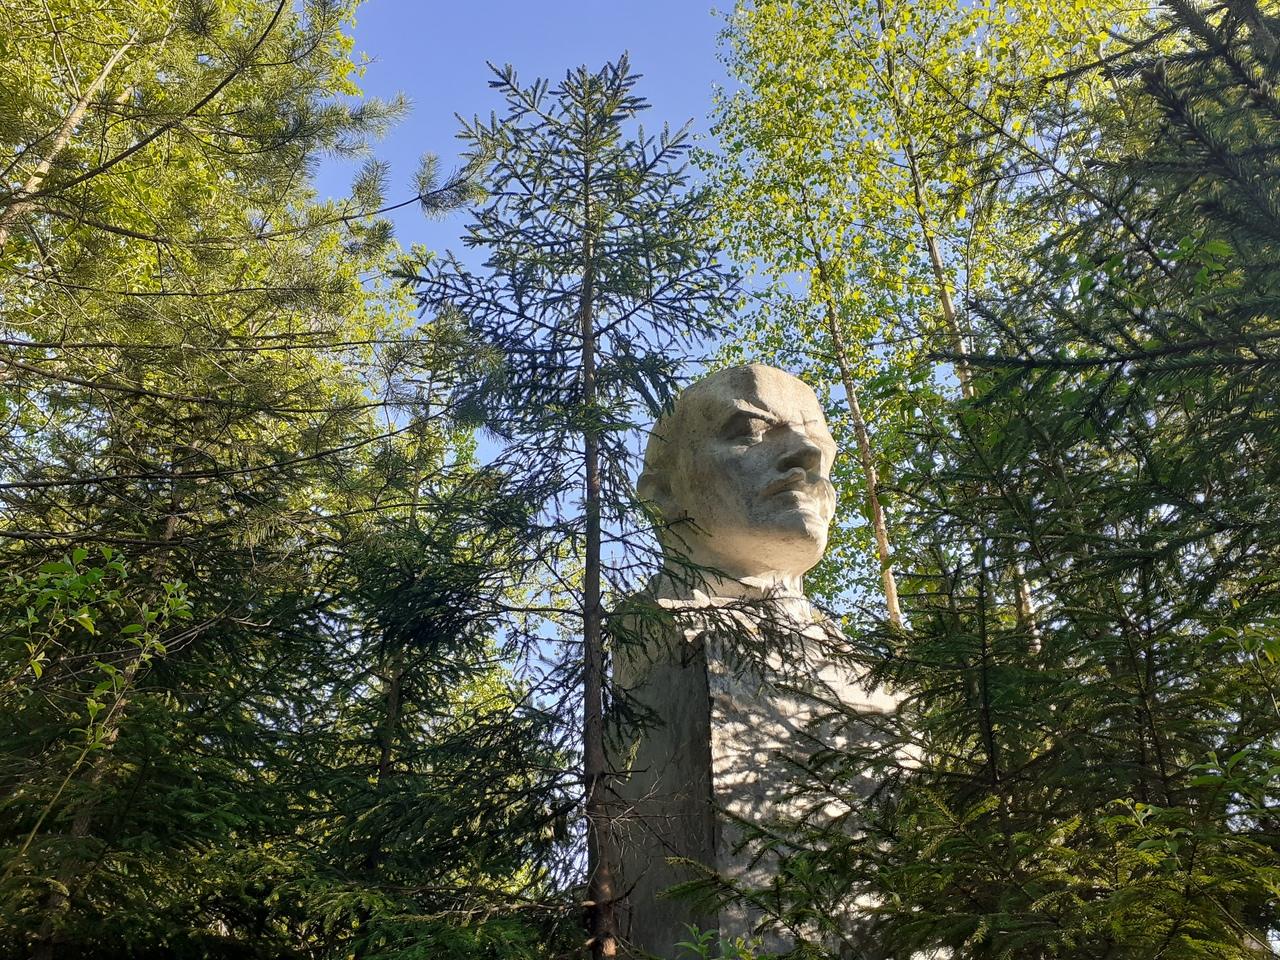 Кузьмолово-Токсово. Карельские пейзажи в 10 минутах от Петербурга. Ленин в лесу. Заброшенный лагерь